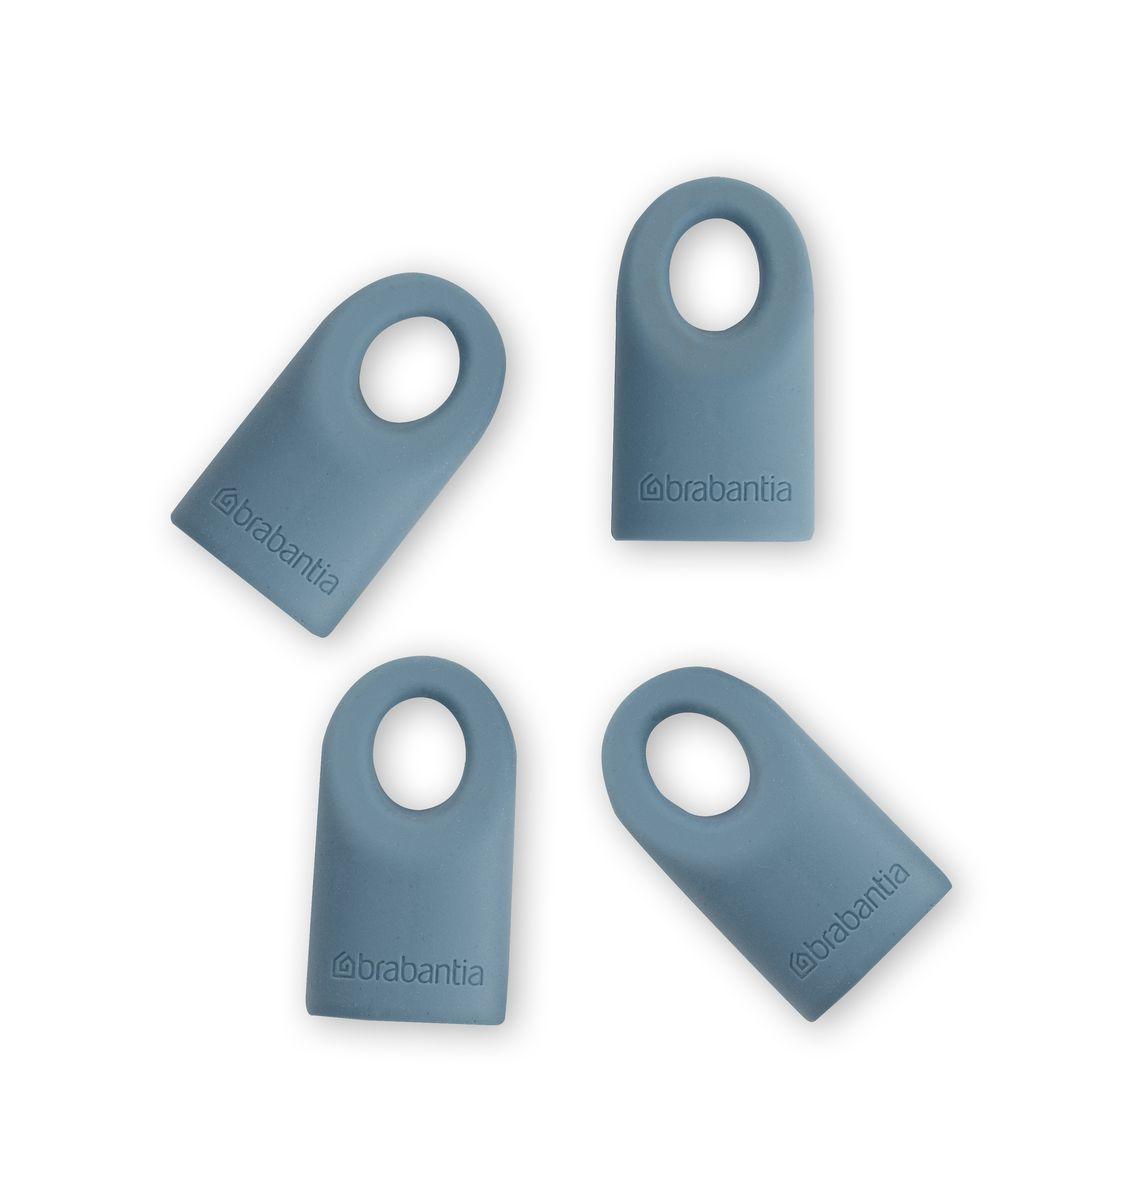 Силиконовые колпачки Brabantia Accent, цвет: голубой, 4 шт93-TR-07-01Силиконовые колпачки Brabantia Accent предназначены для кухонных принадлежностей линии Accent. Просто наденьте колпачок на нужную кухонную принадлежность. Используя съемные колпачки разных цветов, вы можете создавать свой оригинальный стиль. Колпачки оснащены специальными отверстиями для крючков.Длина колпачка: 4 см.